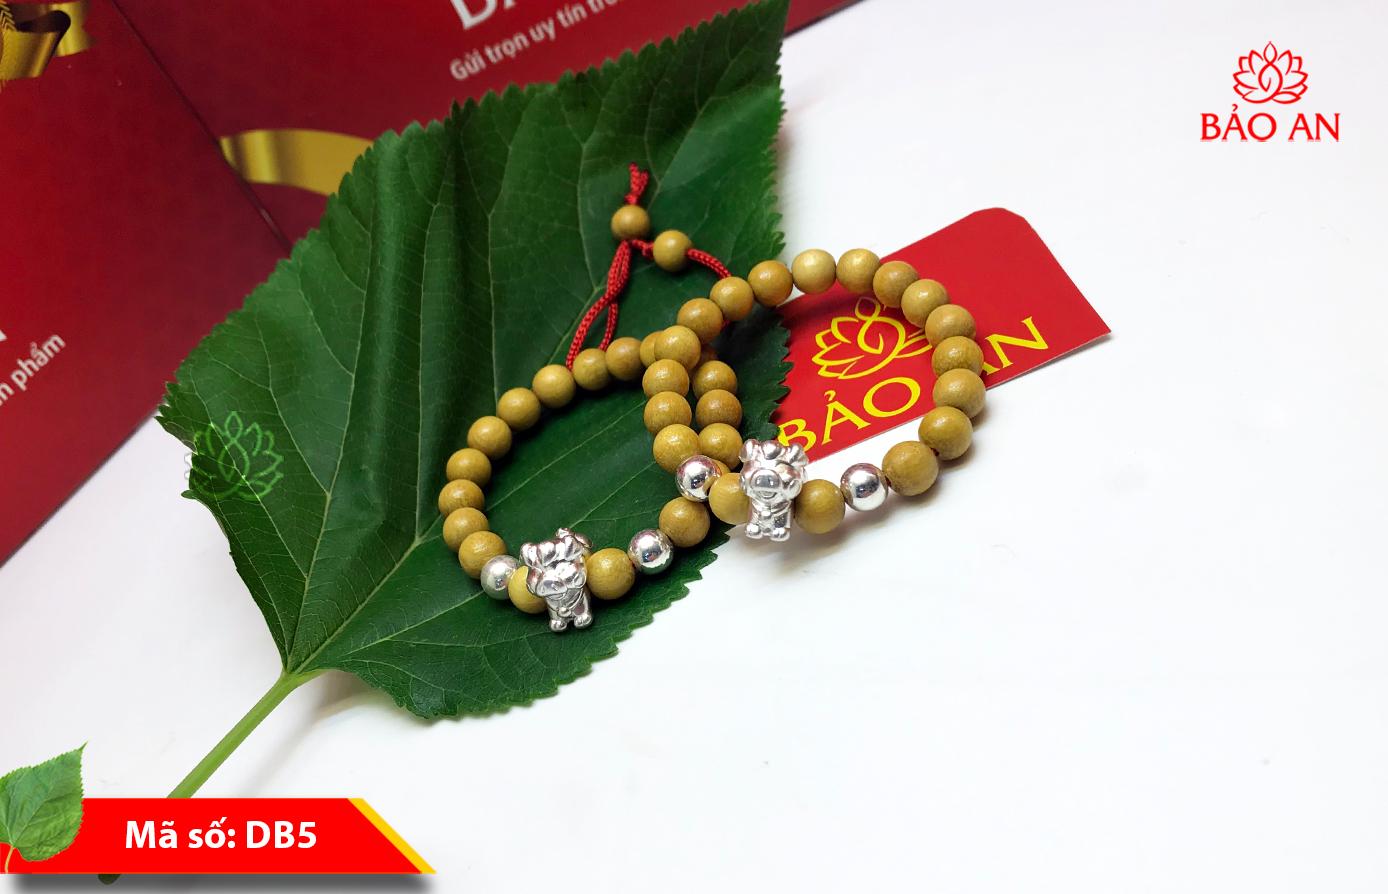 Vong-dau-tam-bao-an-DB5-B